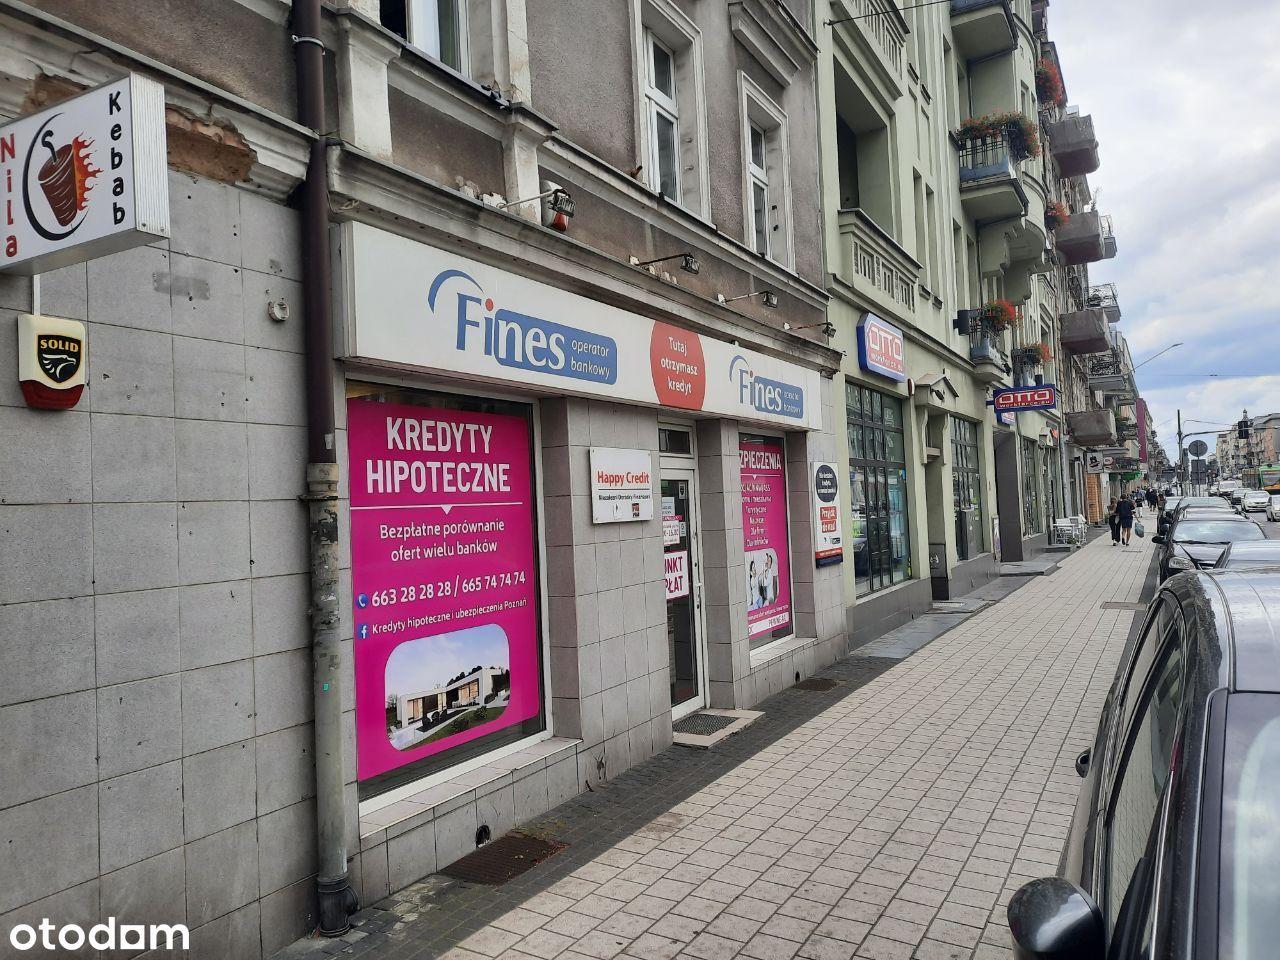 Lokal usługowy w atrakcyjnej lokalizacji (Łazarz)